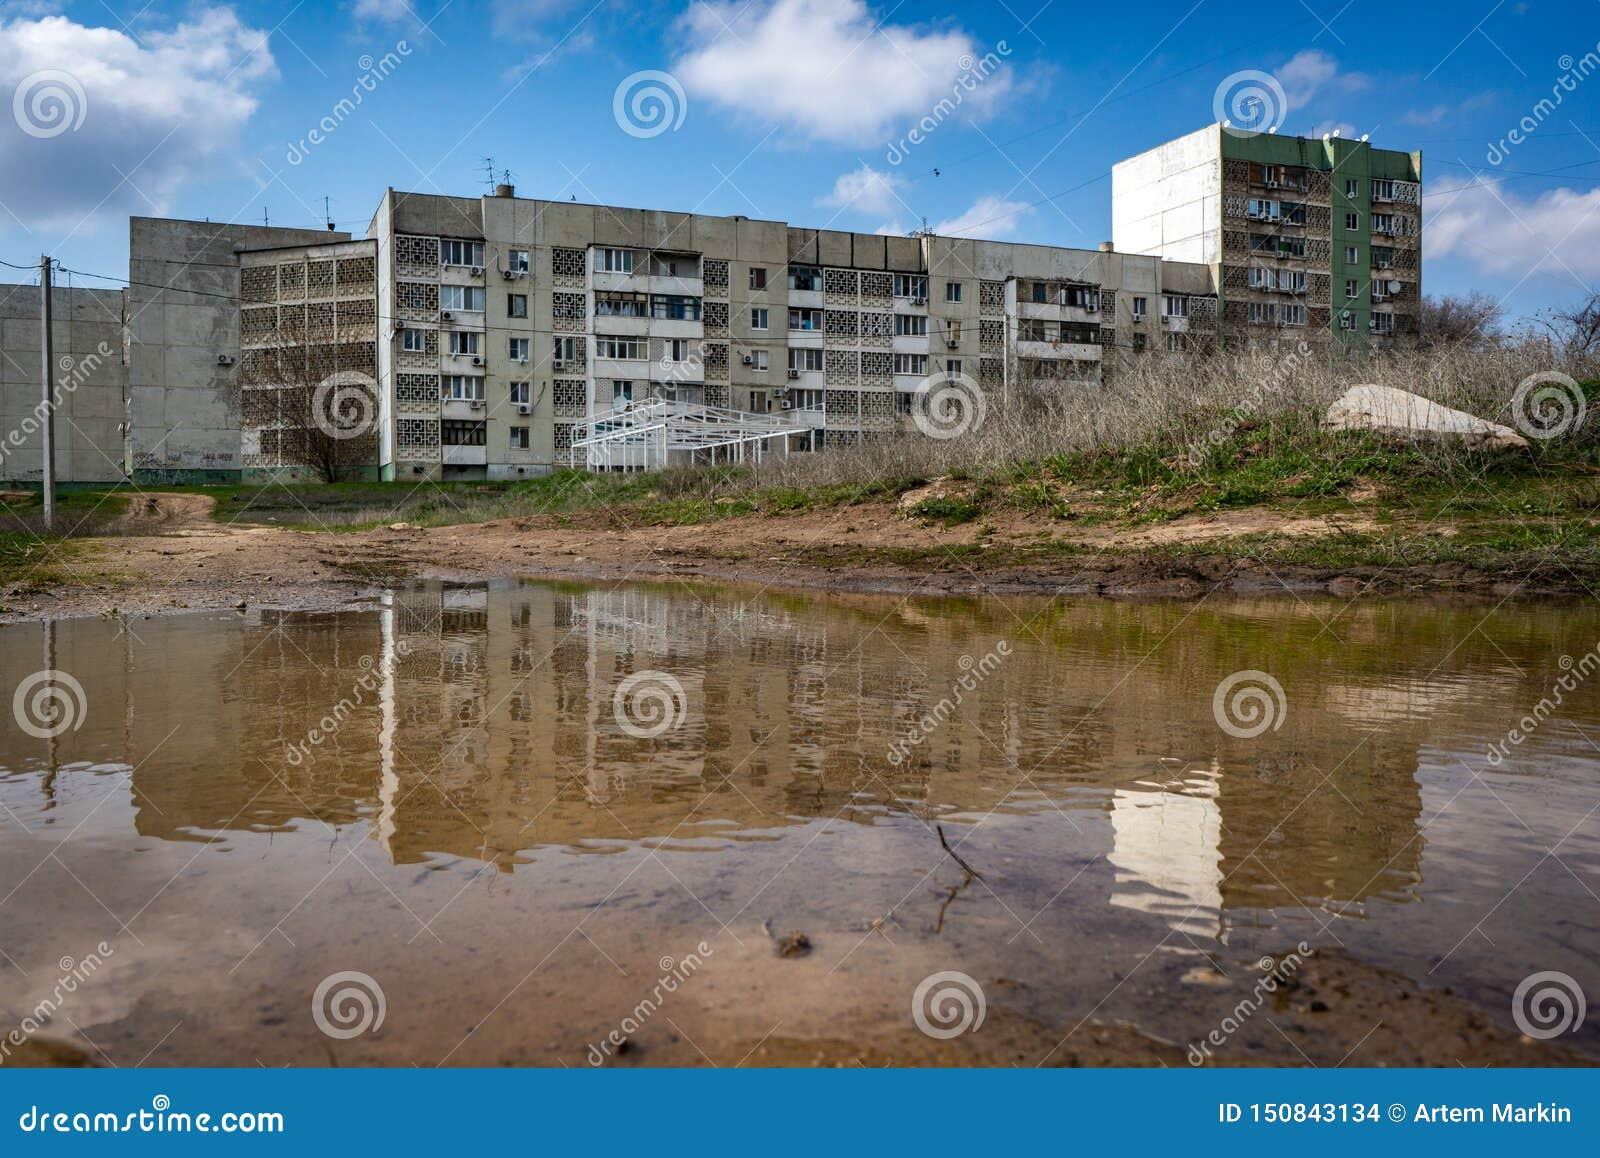 Le bâtiment résidentiel dans Elista est au printemps magma reflété Villes russes Courses en Russie